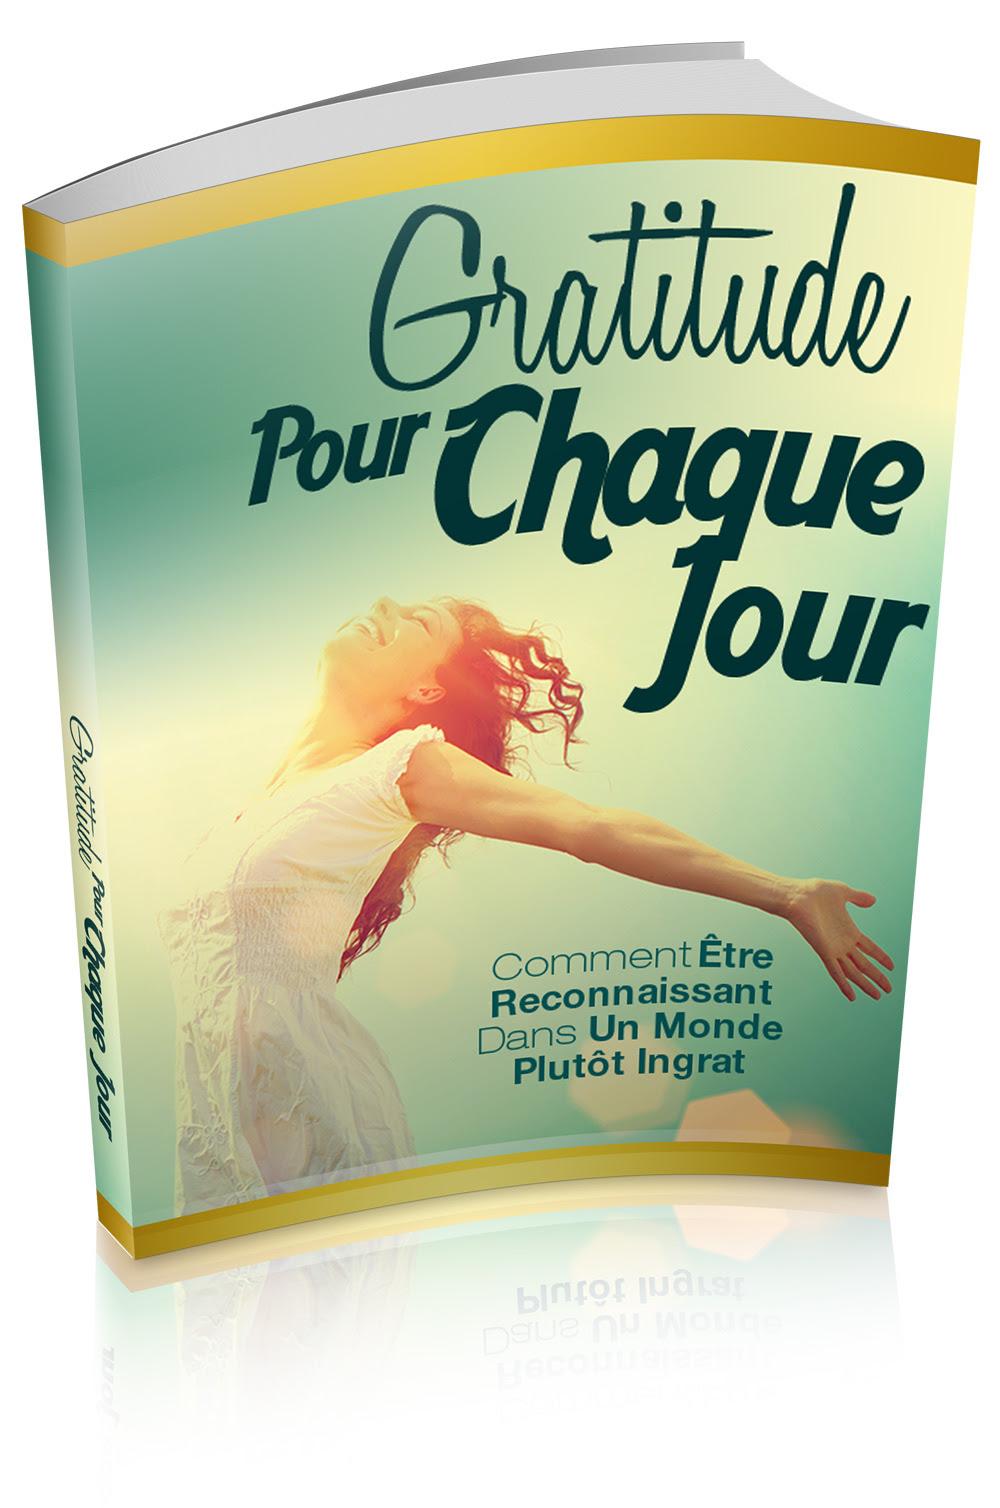 Cliquez-ICI pour télécharger le guide de la gratitude